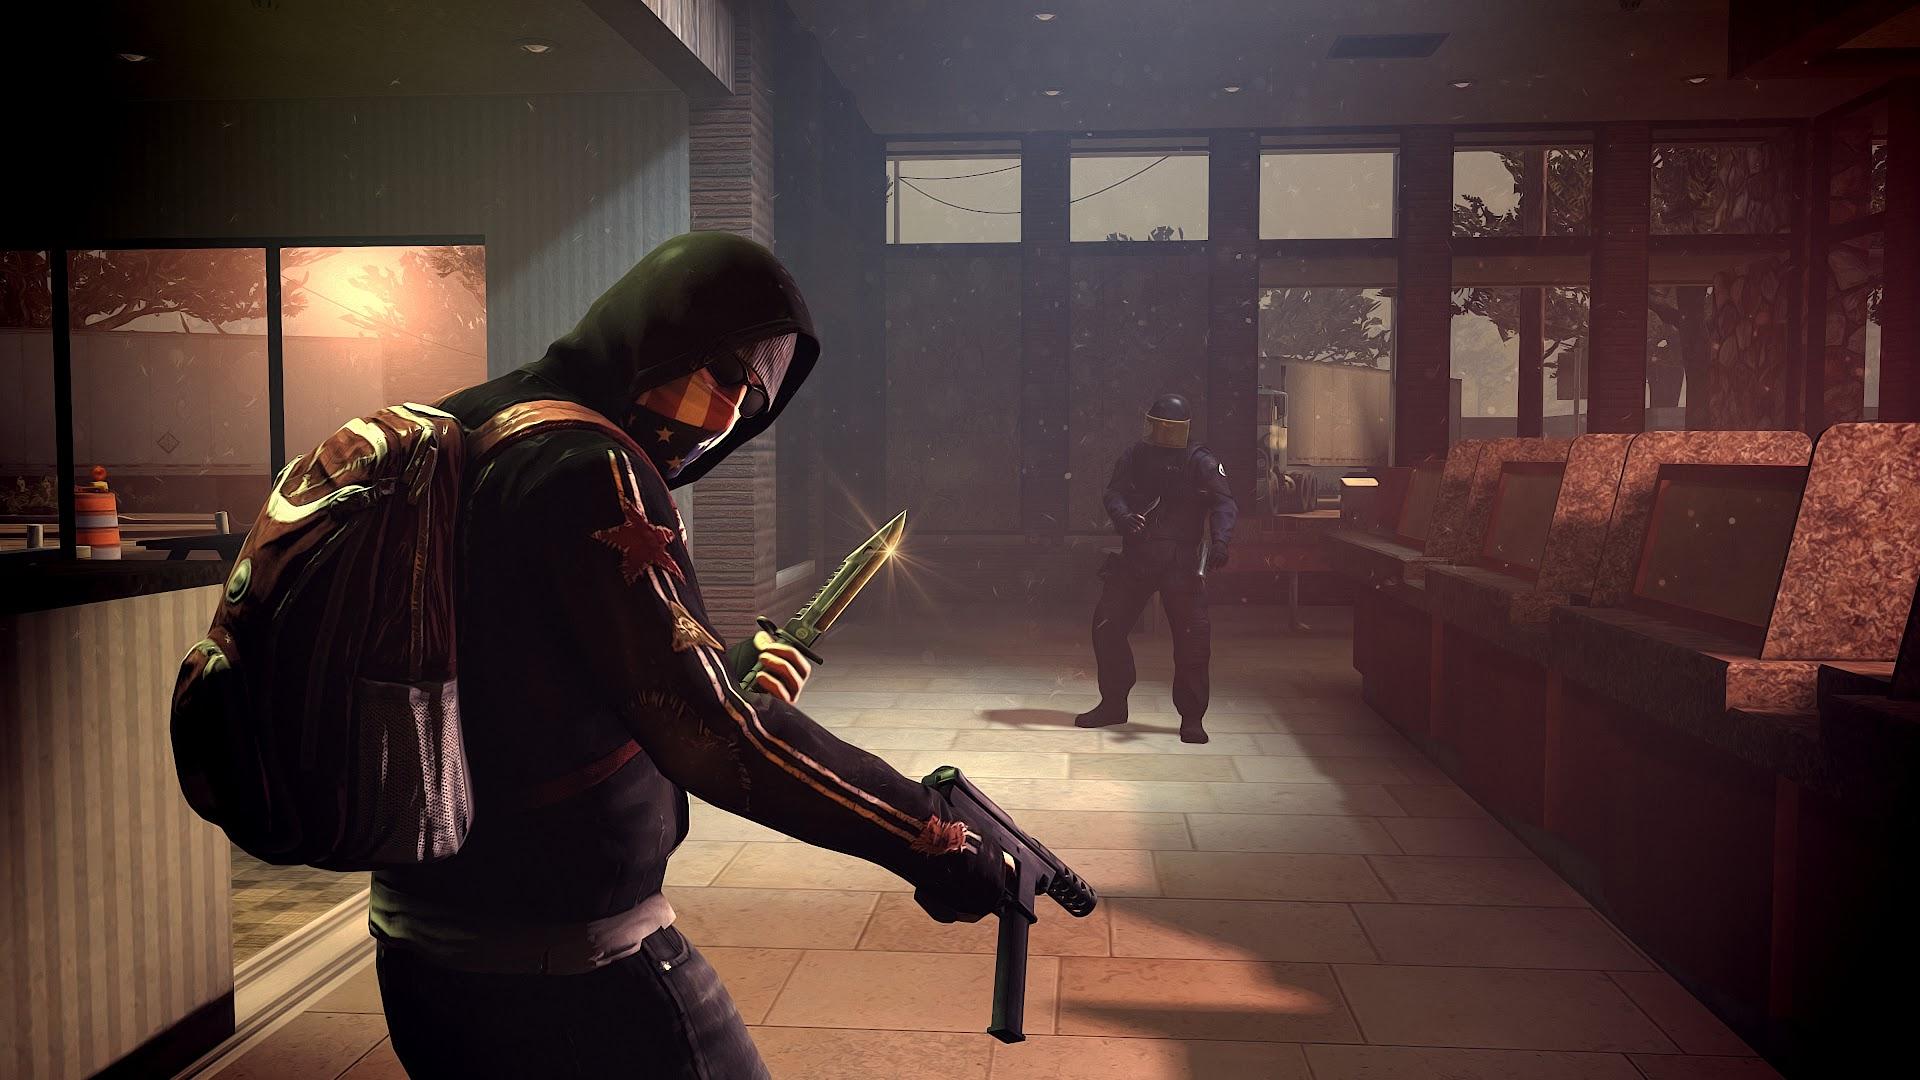 CS:GO Terrorist 4K 3840x2160 Wallpaper #42